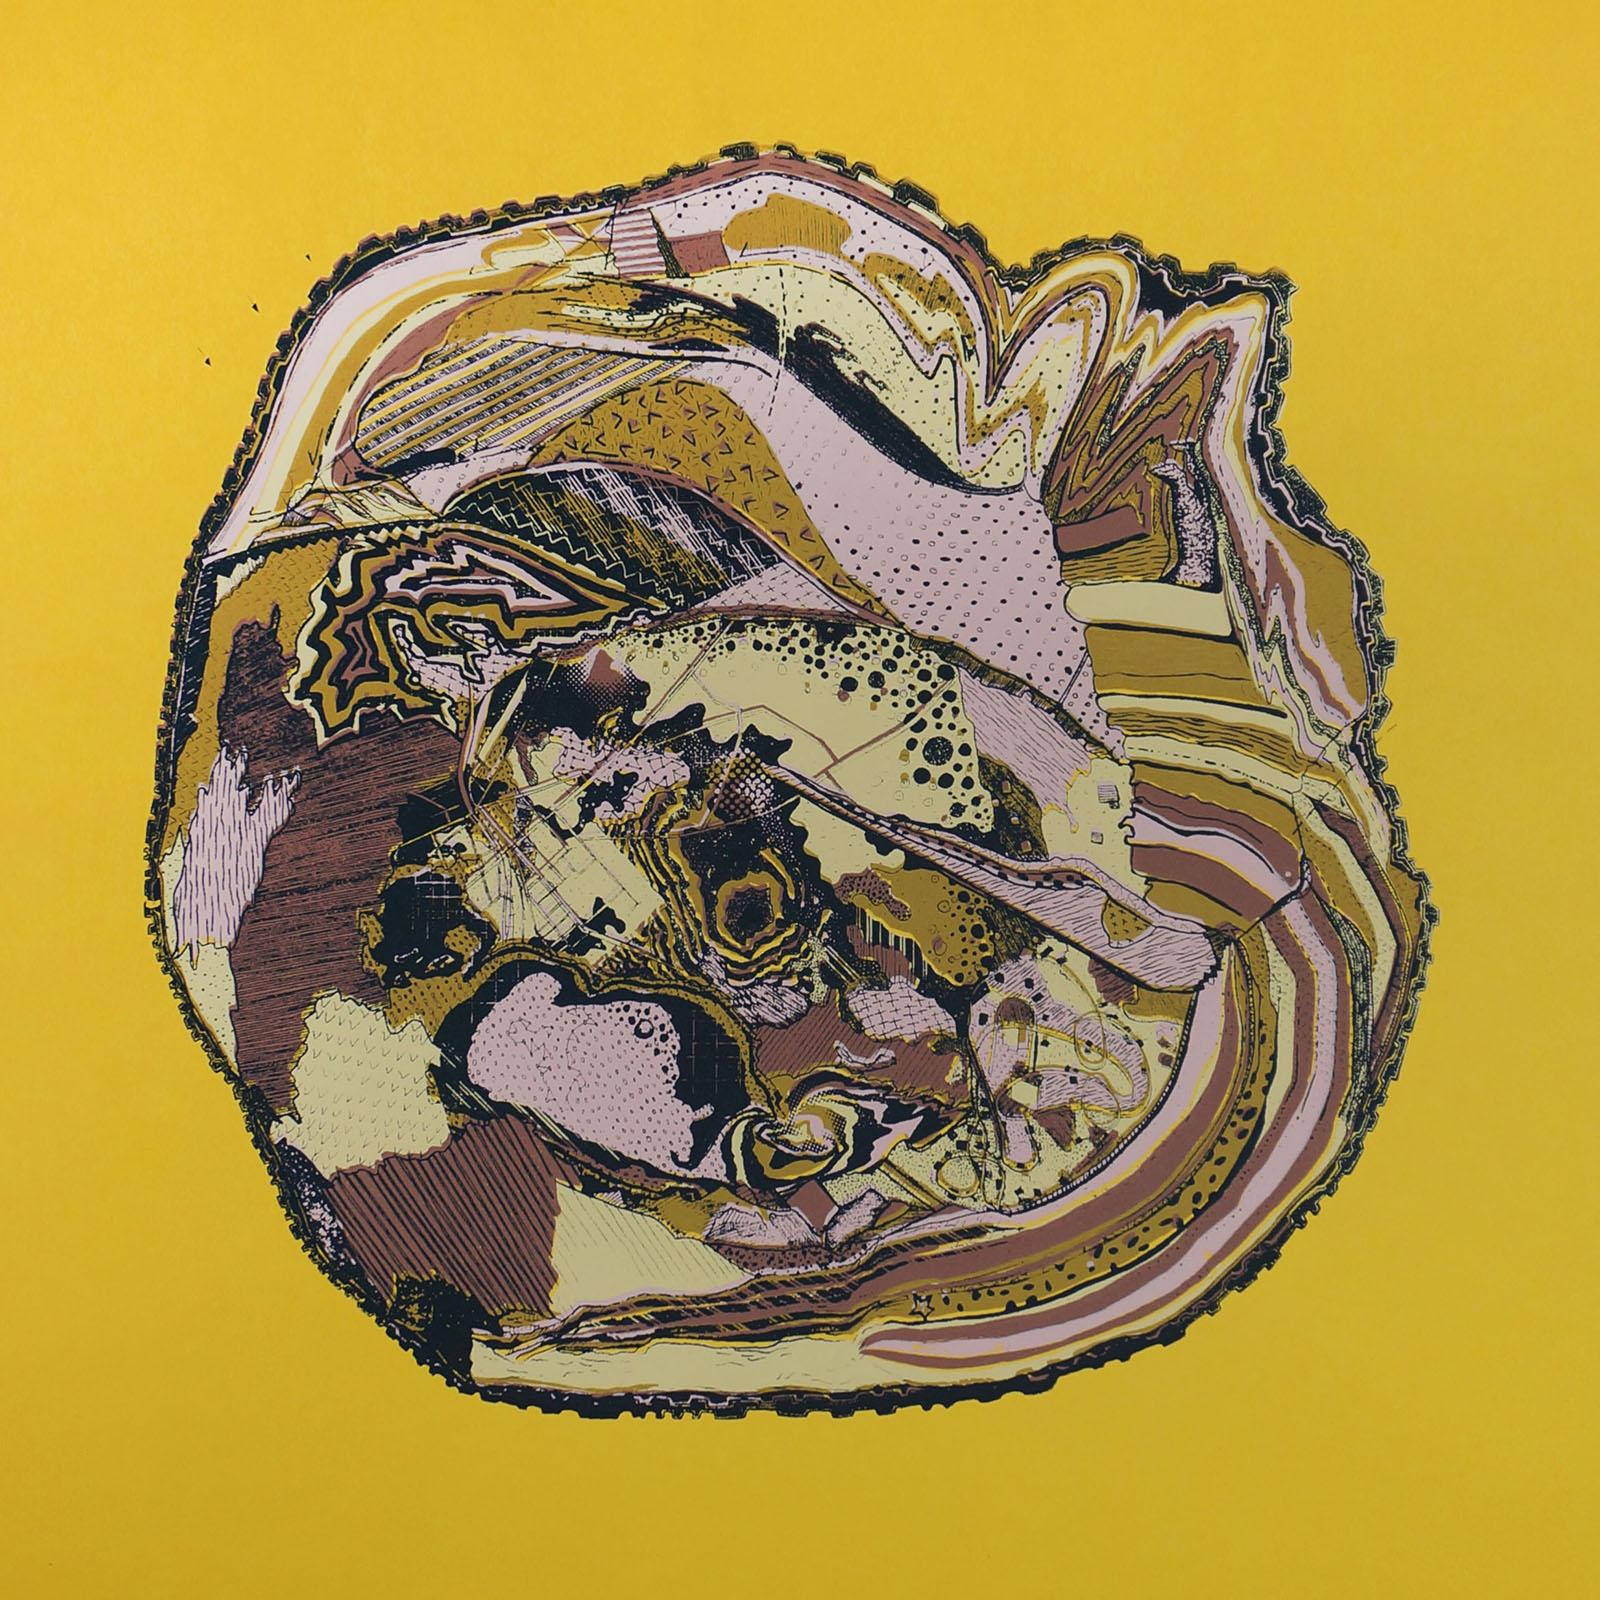 Ape_Bleakney_'Tree Rings (Growth)' (Yellow Paper), Screen Print, 12.5'' x 12.5'', 2019.jpg